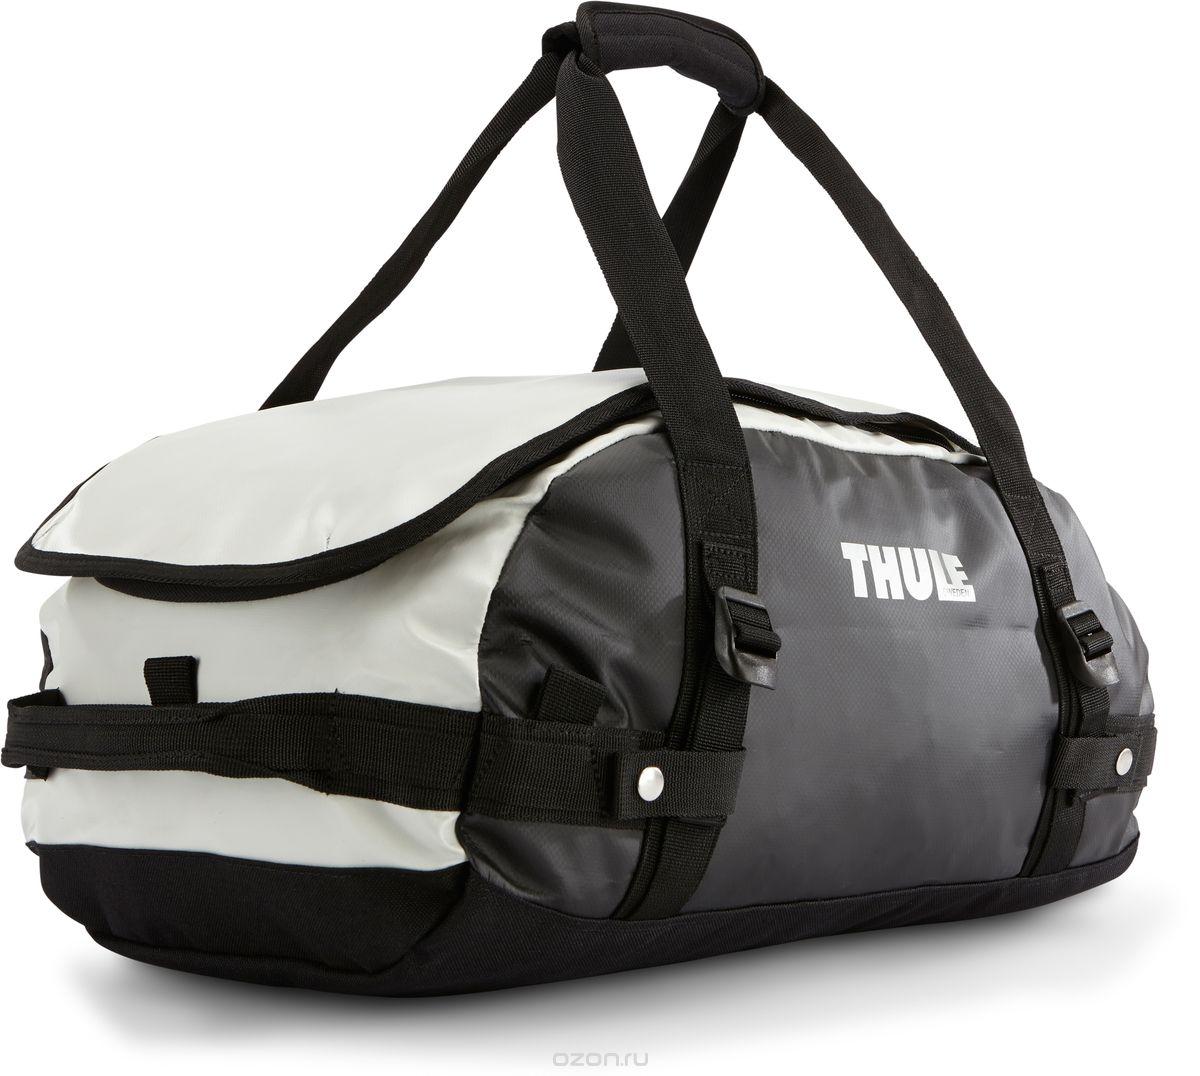 Туристическая сумка-баул Thule Chasm XS, цвет: темно-серый, белый, 27л201100Thule Chasm X-Small - эта жесткая, устойчивая к неблагоприятным погодным условиям сумка с широко раскрывающимся основным отделением и съемными ремнями — ваш надежный спутник в любой поездке. Широко раскрывающееся отделение делает загрузку оборудования в сумку очень удобным. Боковые замки делают доступ к основному отделению удобным с любого угла Ремни складываются вдоль боковых сторон сумки. Ремни быстро превращают рюкзак в сумку. Прочная водонепроницаемая брезентовая ткань для удобной укладки вещей, которая легко складывается для хранения. Внутренние сетчатые карманы сохранят ваши вещи в порядке. Внешние фиксирующие ремни предотвращают содержимое сумки от падения на дно, когда она используется как рюкзак. Уплотненная нижняя часть сумки обеспечивает мягкое соприкосновение с землей. Блокировка застежки-молнии для защиты от воров (замок продается отдельно). Внешний сетчатый карман для небольших предметов.Размер сумки: 47 x 29 x 24 см.